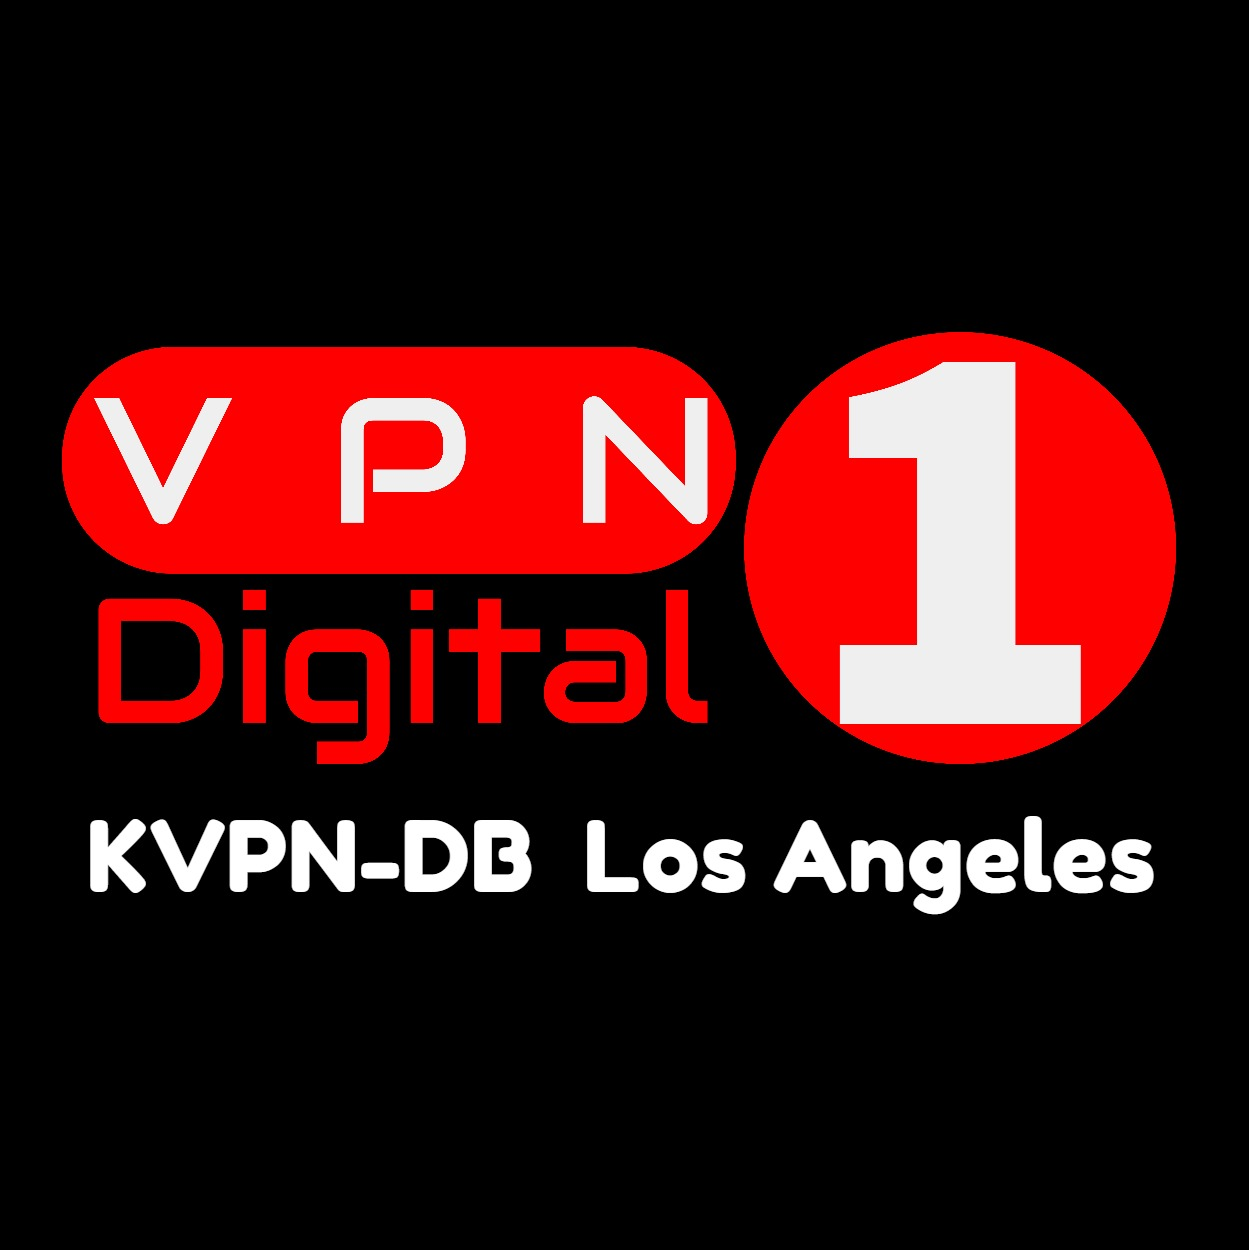 VPN Digital 1 (KVPN-DB Los Angeles) logo